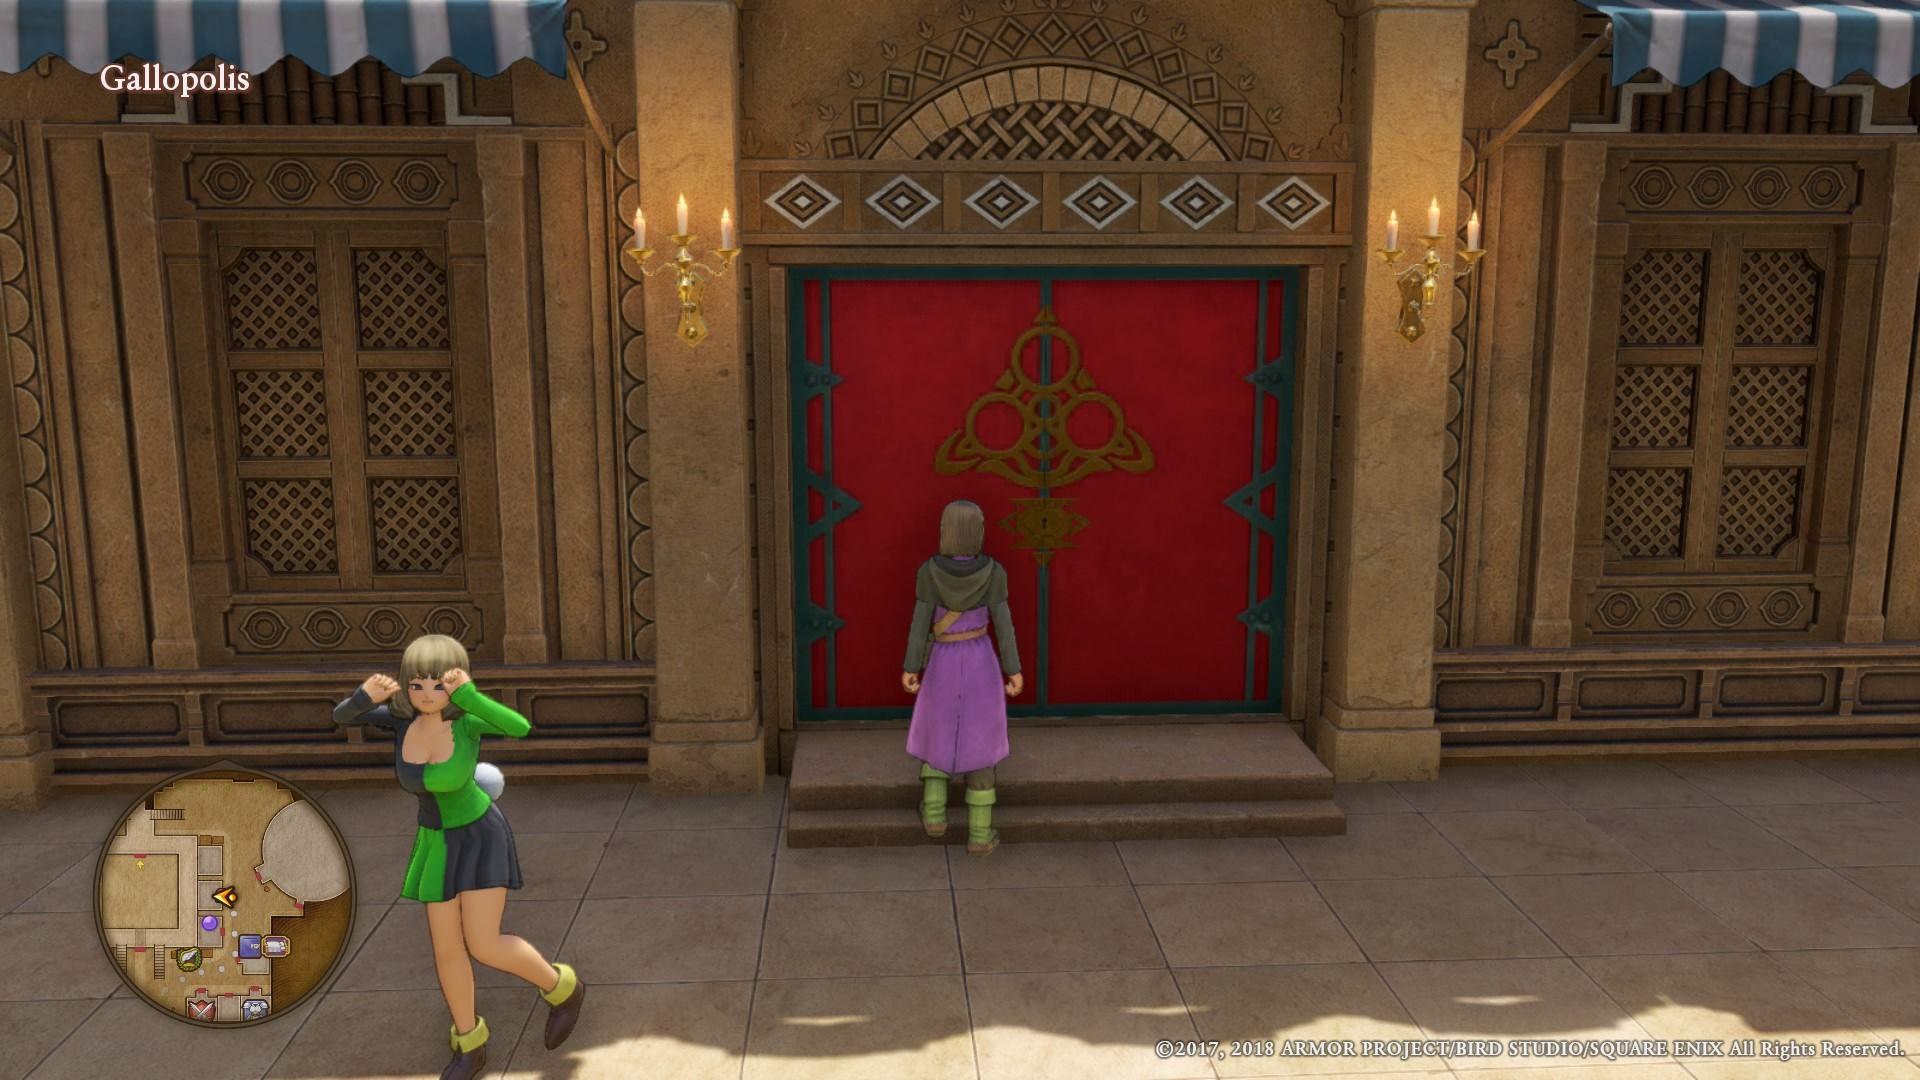 Dragon Quest XI': How to Open Red Doors and Metal Doors